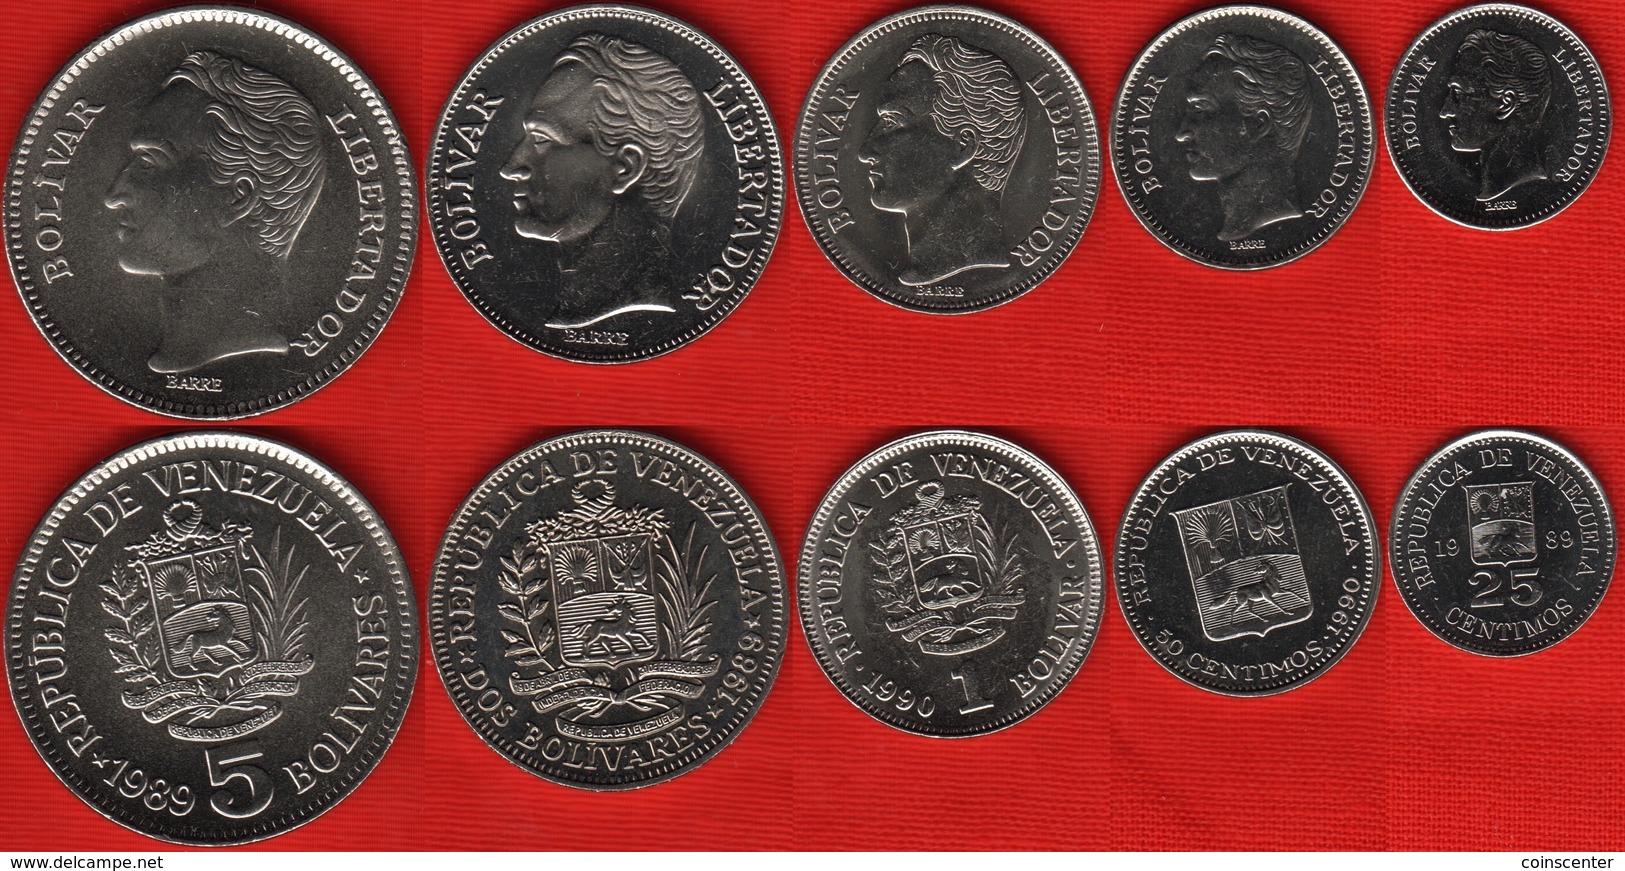 Venezuela Set Of 5 Coins: 25 Centimos - 5 Bolivares 1989-1990 UNC - Venezuela